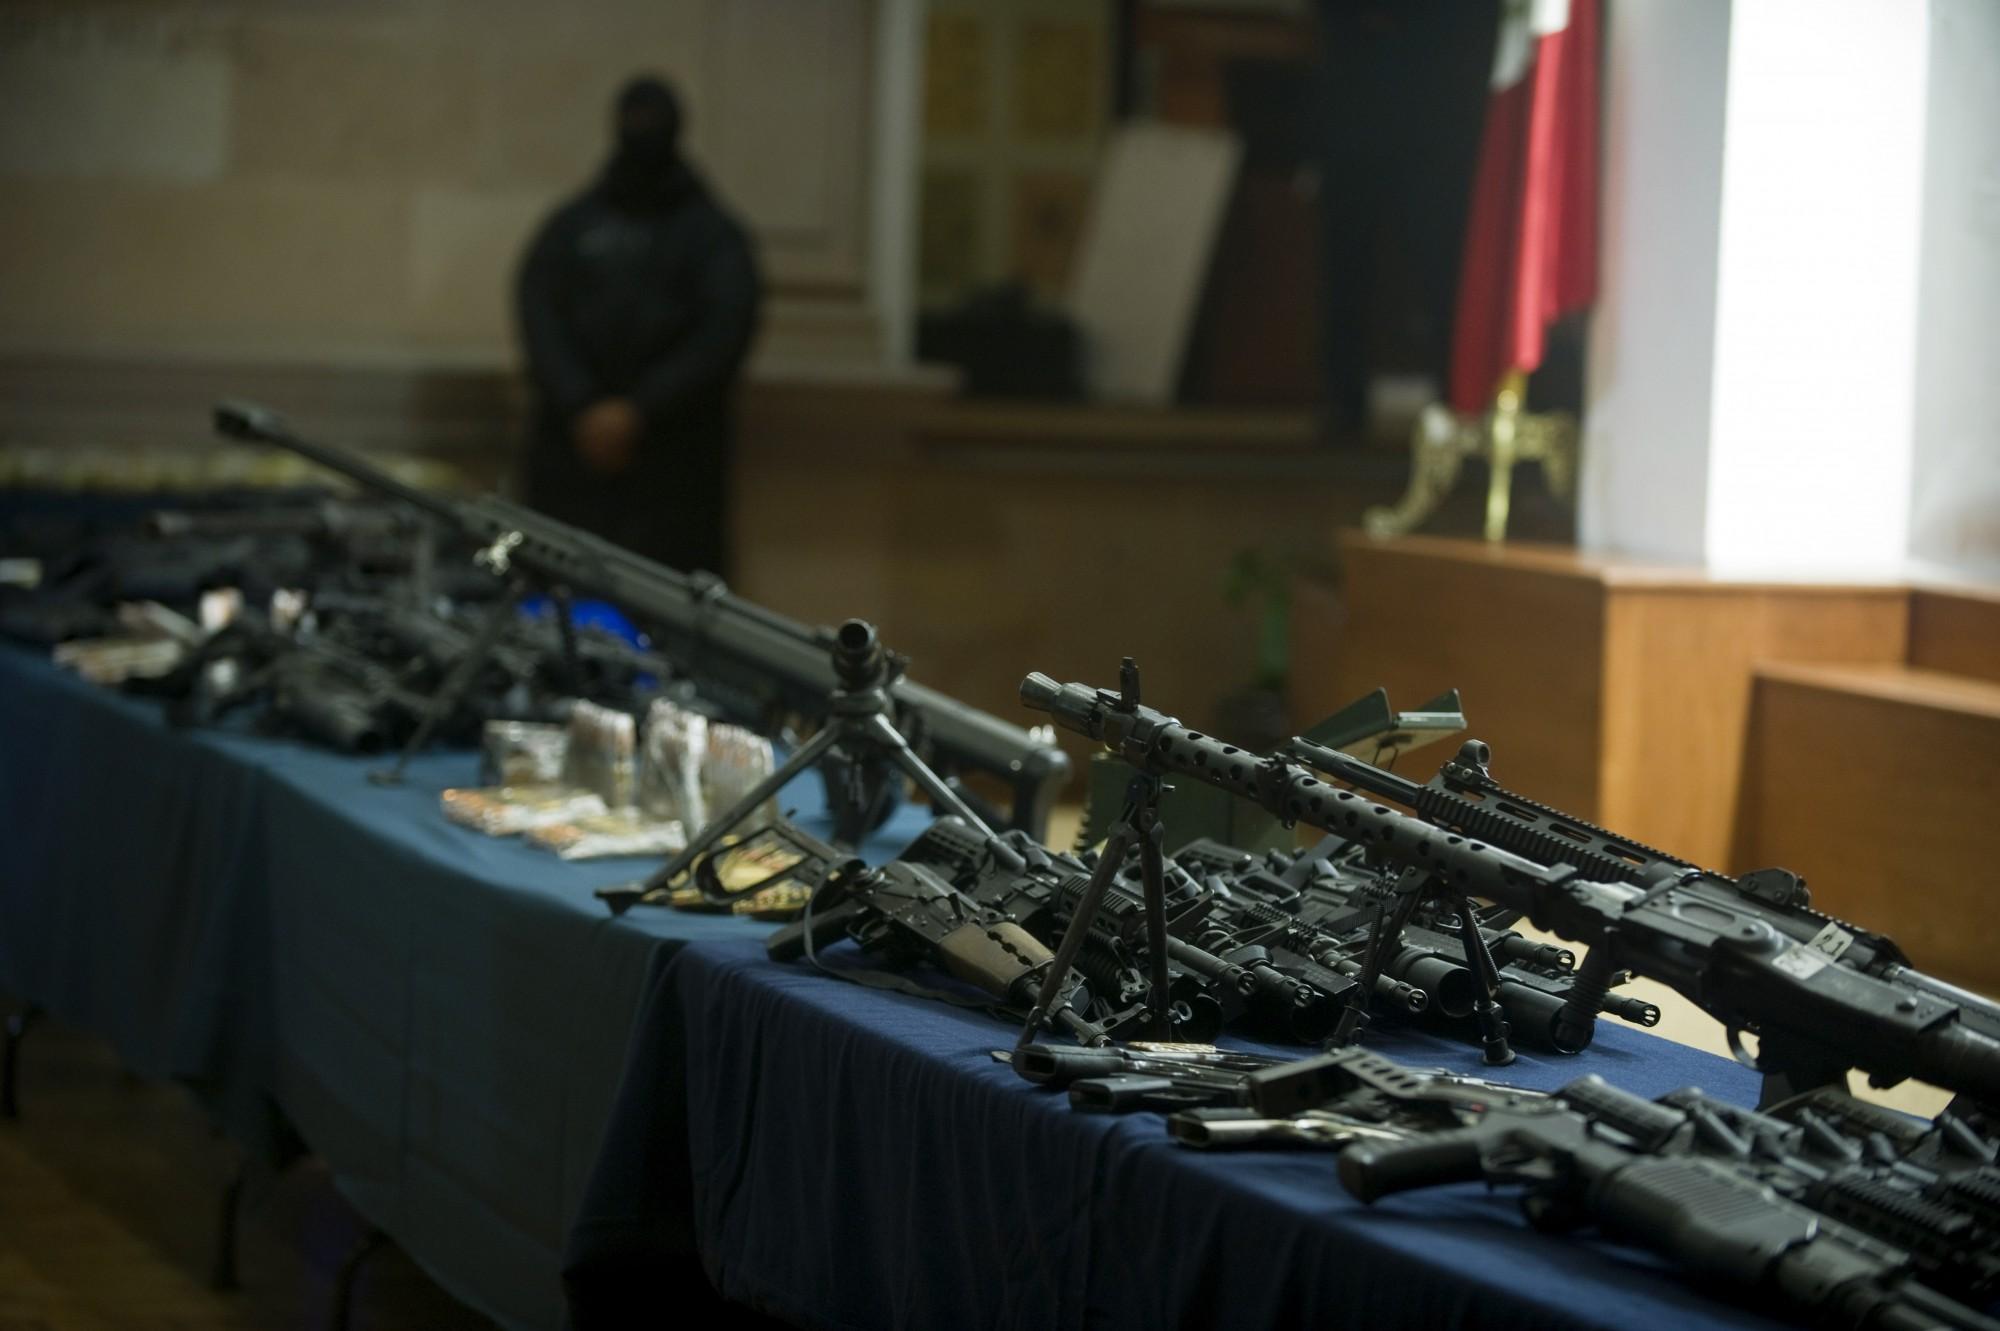 Armas automáticas, a la izquierda un MG-34 LMG de fabricación alemana, son parte de un arsenal incautado en 2012. (Crédito: Yuri Cortez/AFP/Getty Images)